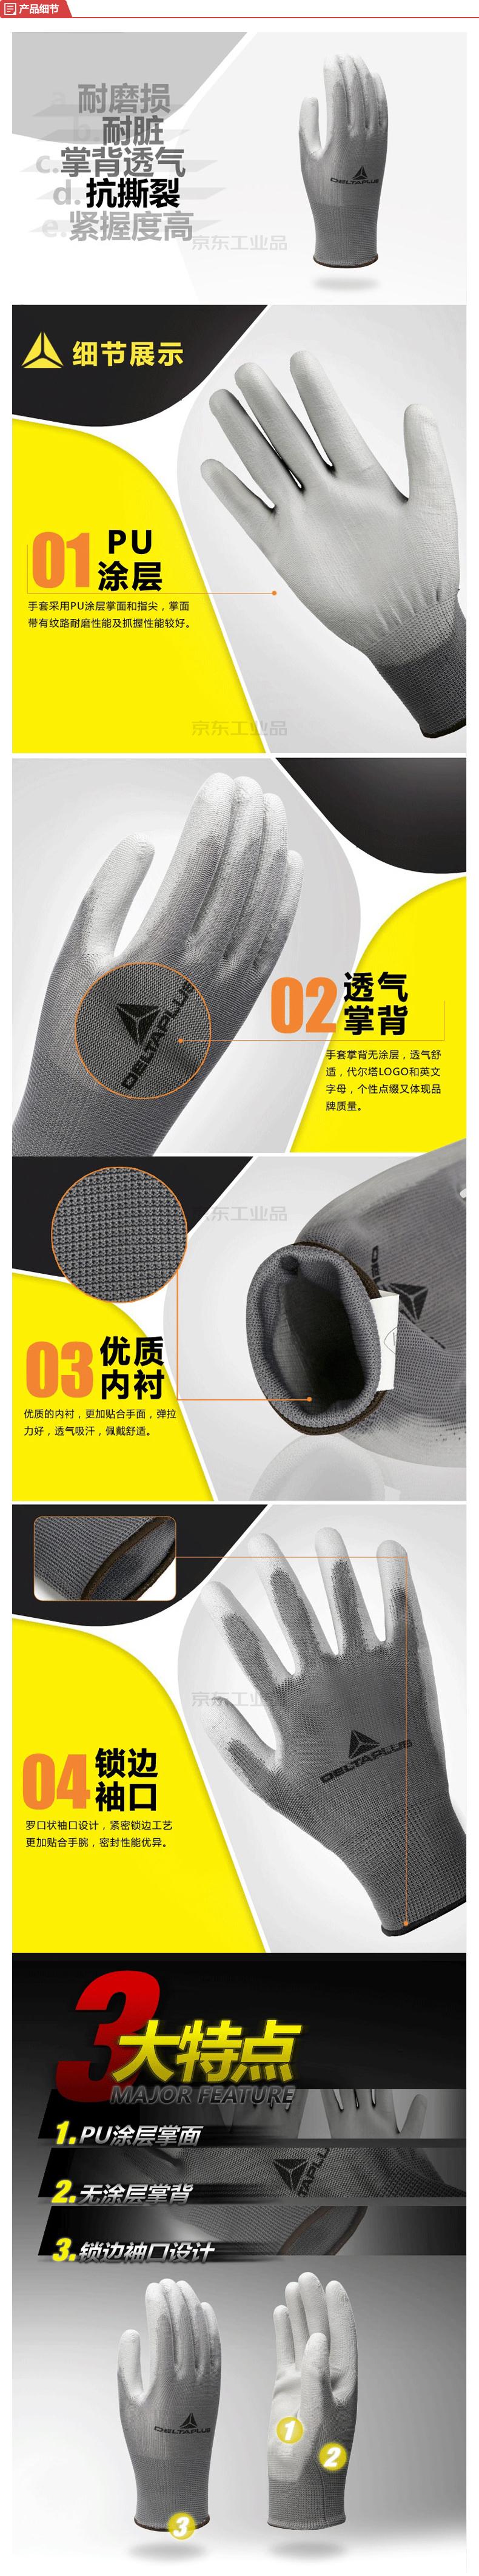 代尔塔 PU耐脏精细操作手套 VE702PG;201705-灰色-8